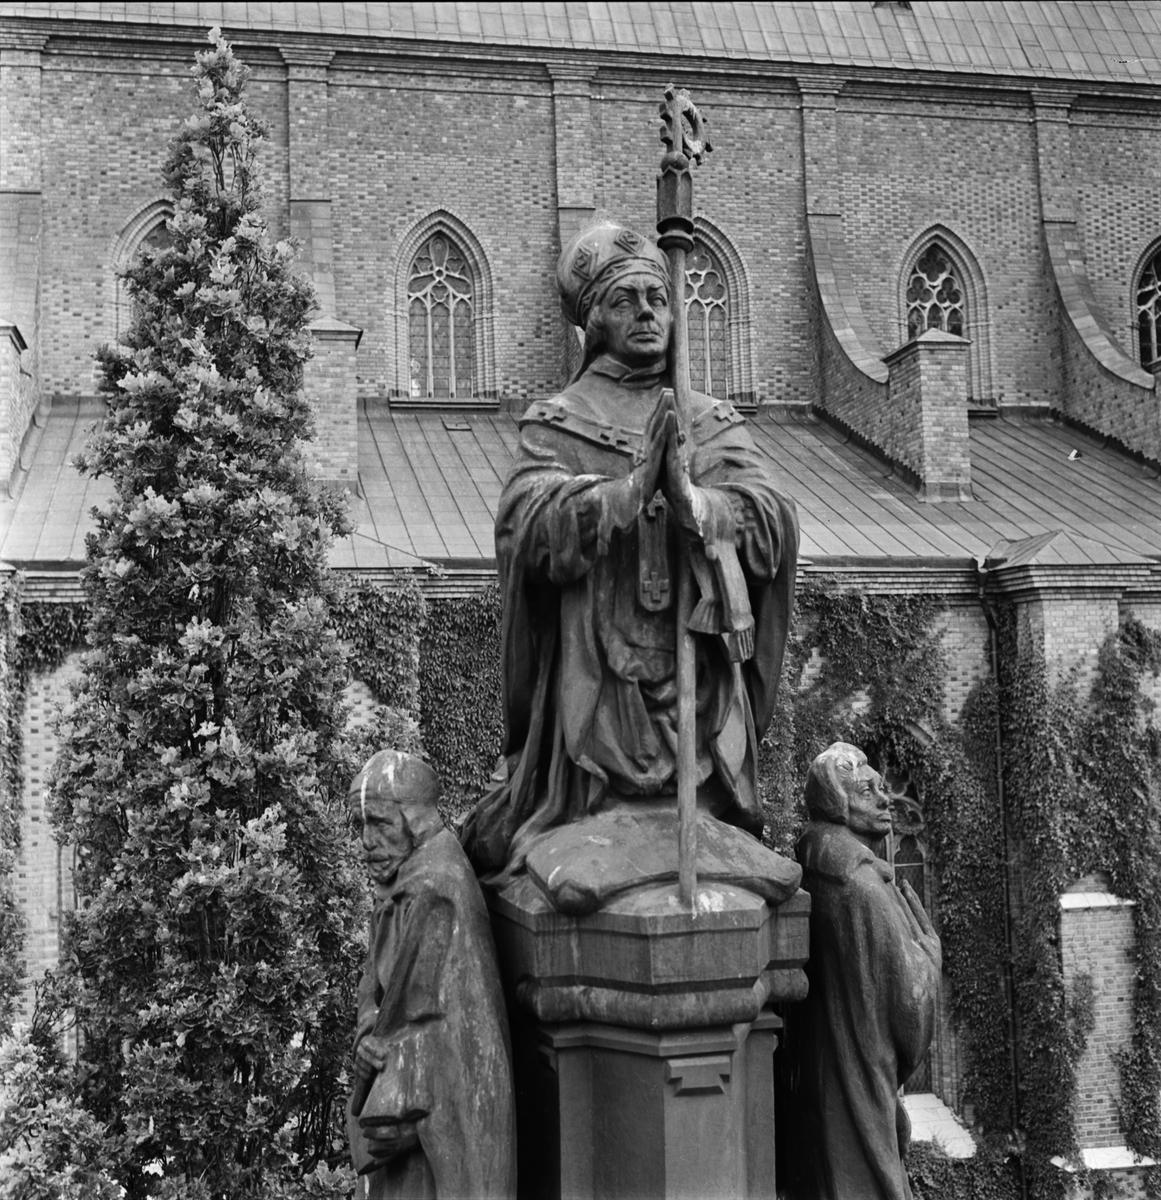 Staty - ärkebiskop Jakob Ulvsson, vid Uppsala domkyrka, Fjärdingen, Uppsala